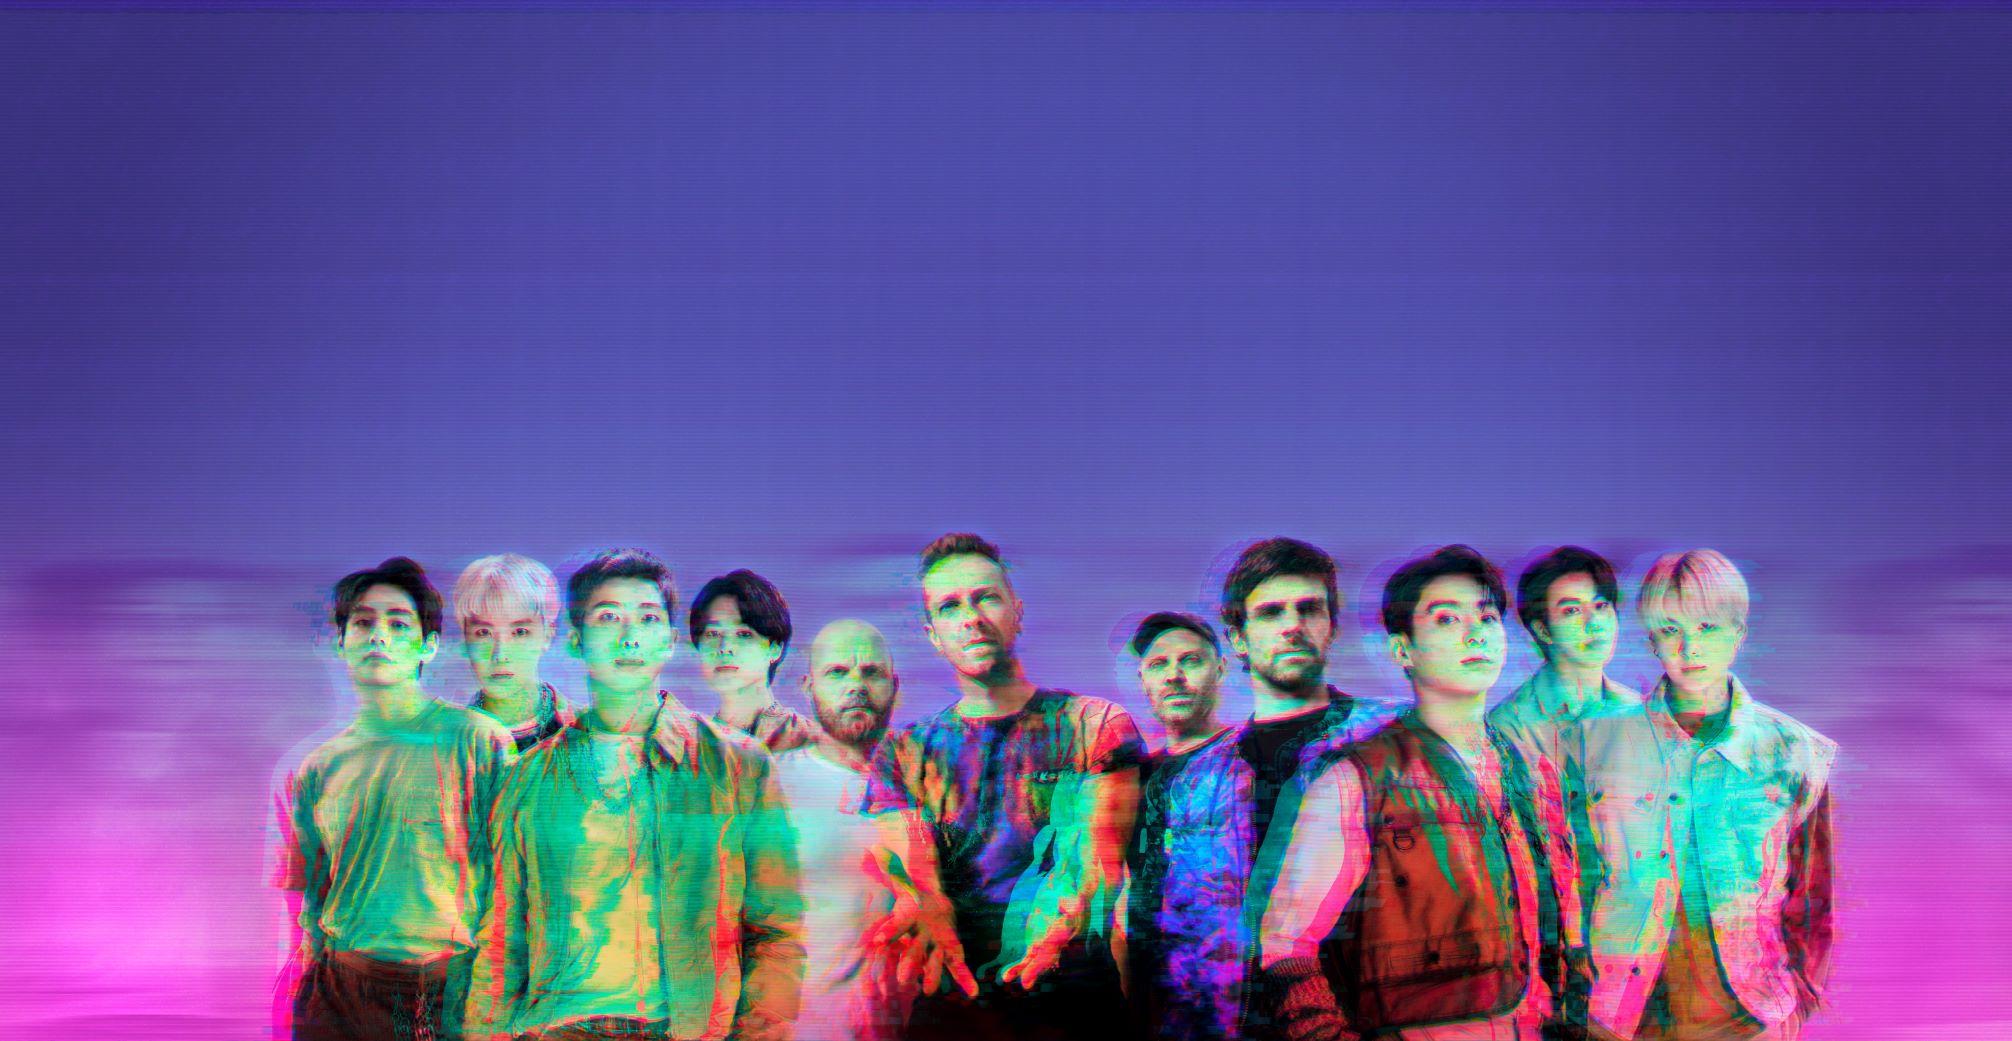 Coldplay album e tour - Immagini